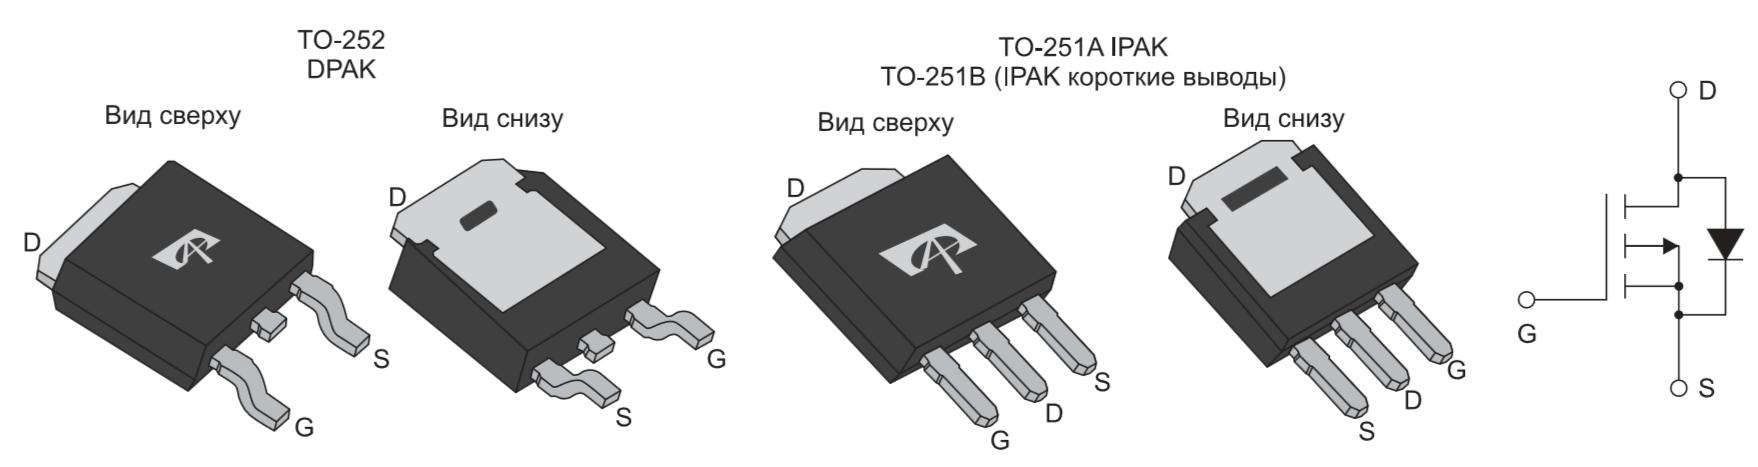 Корпуса ТО-252, ТО-251А